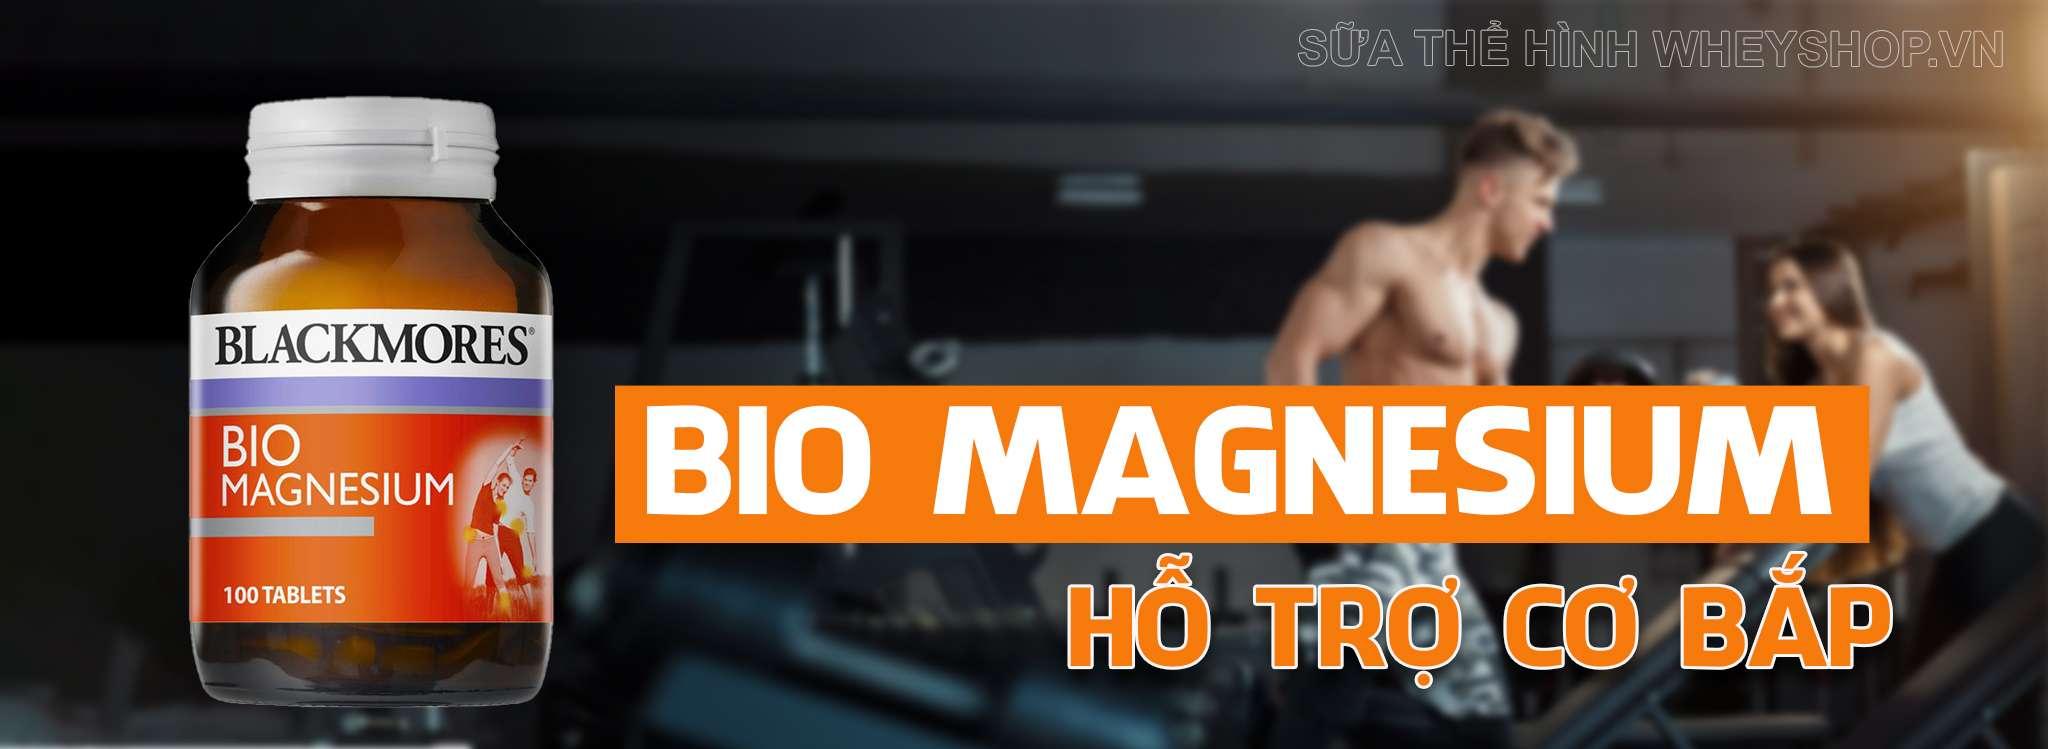 Blackmores Bio Magnesium 100 vien gia re ha noi tphcm